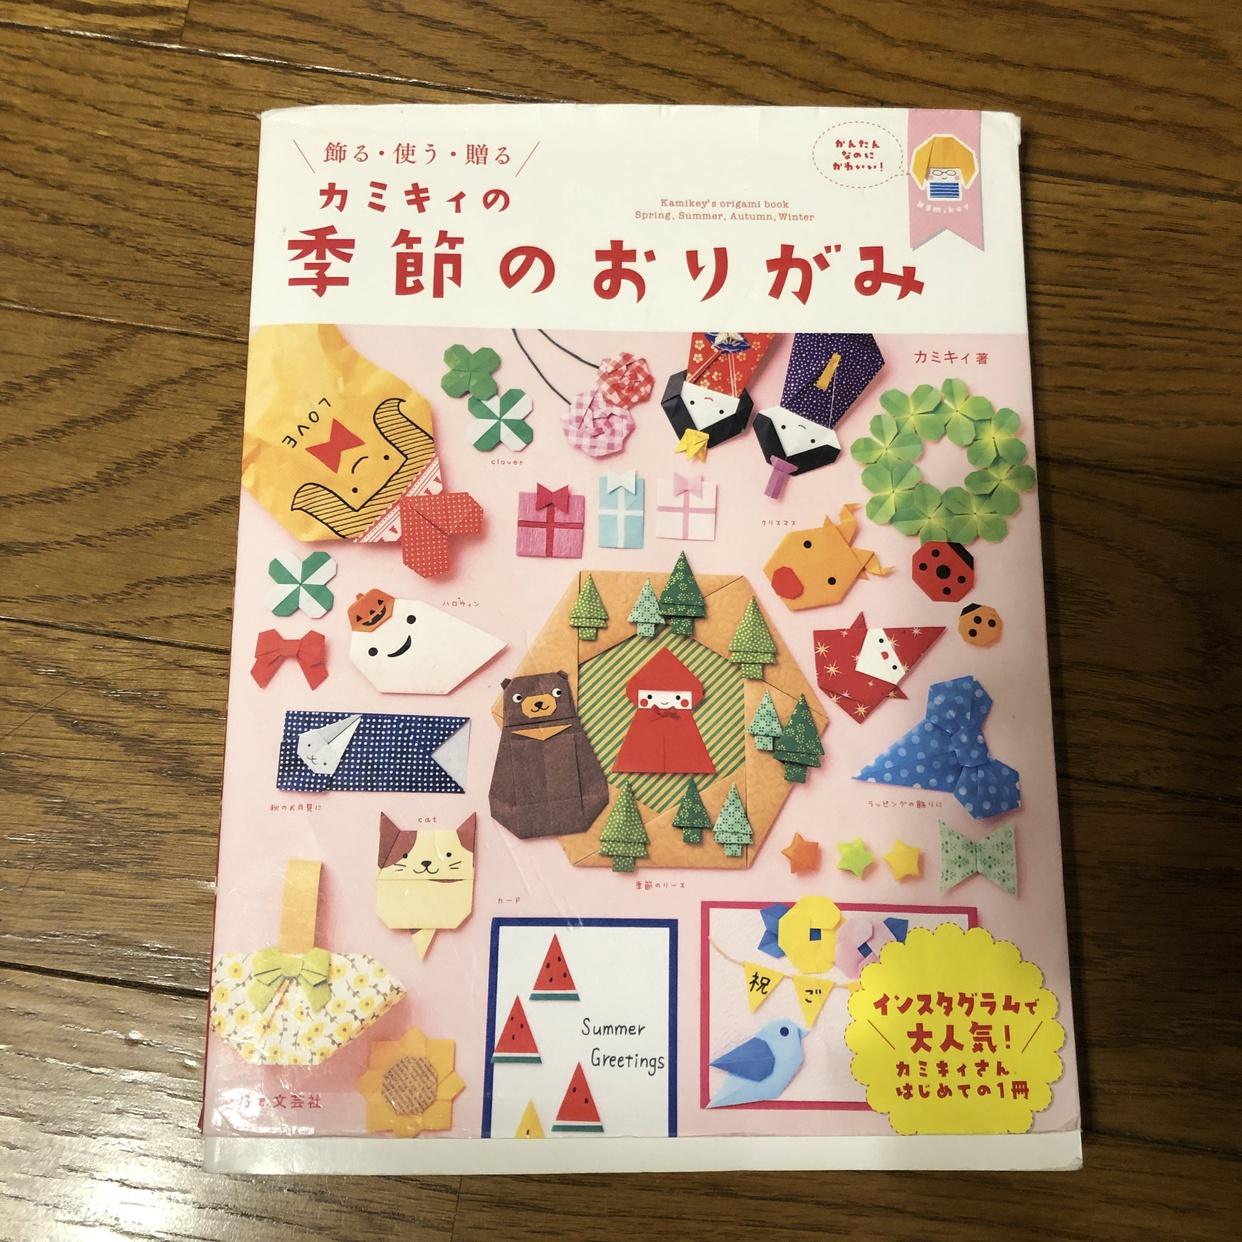 日本文芸社 カミキィの季節のおりがみの良い点・メリットに関するhappy☆fridayさんの口コミ画像1